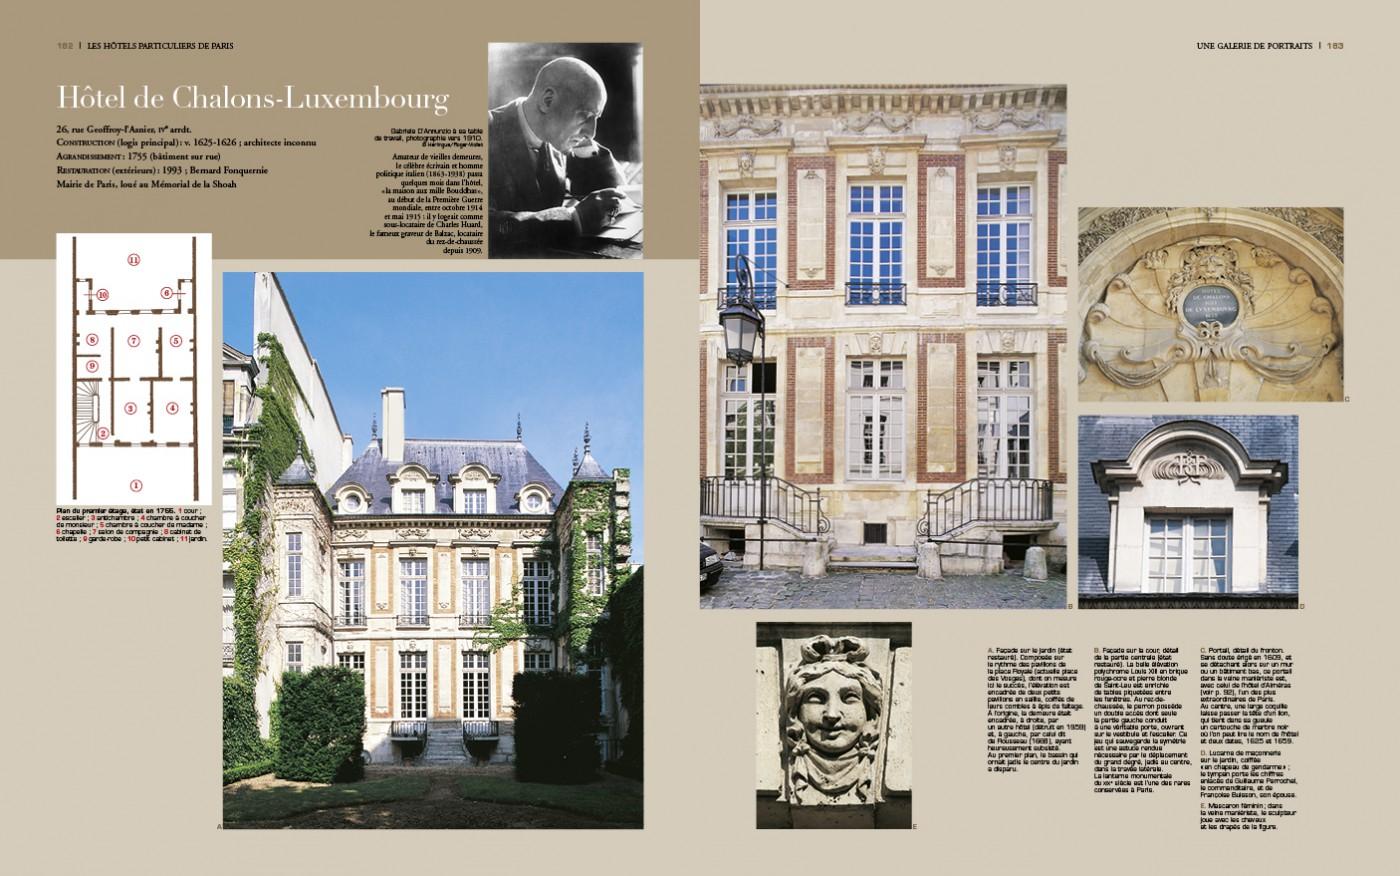 Parigramme tout paris est lire - Hotel particulier paris bismut architecture ...